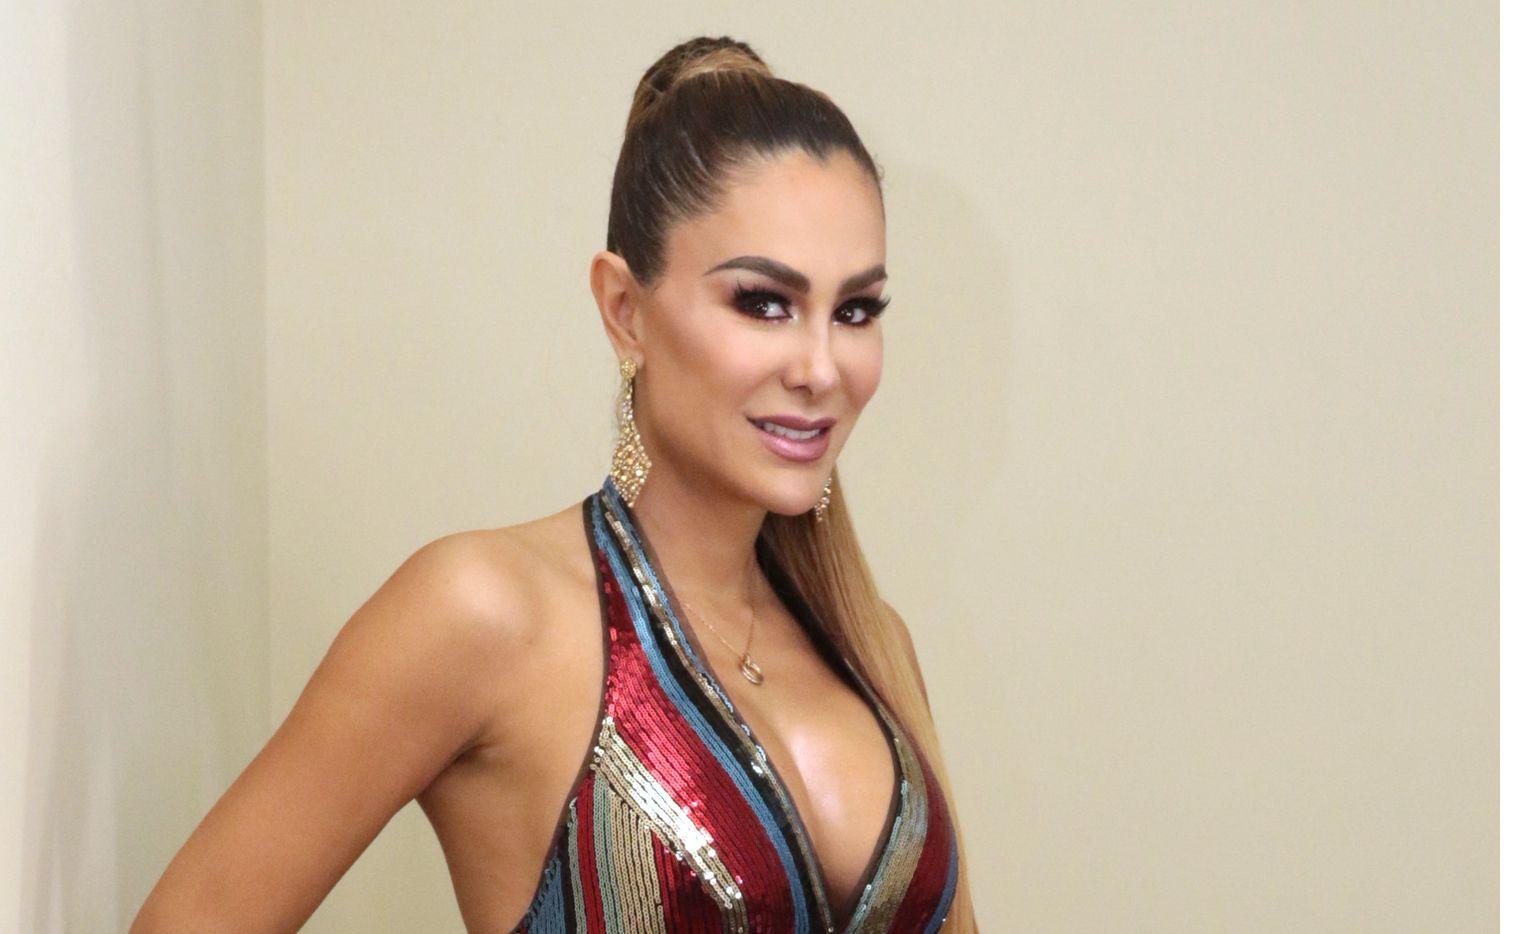 La actriz Ninel Conde, quien evitó mencionar a su pareja Giovanni Medina, dijo que su papel de mamá es más importante./ AGENCIA REFORMA